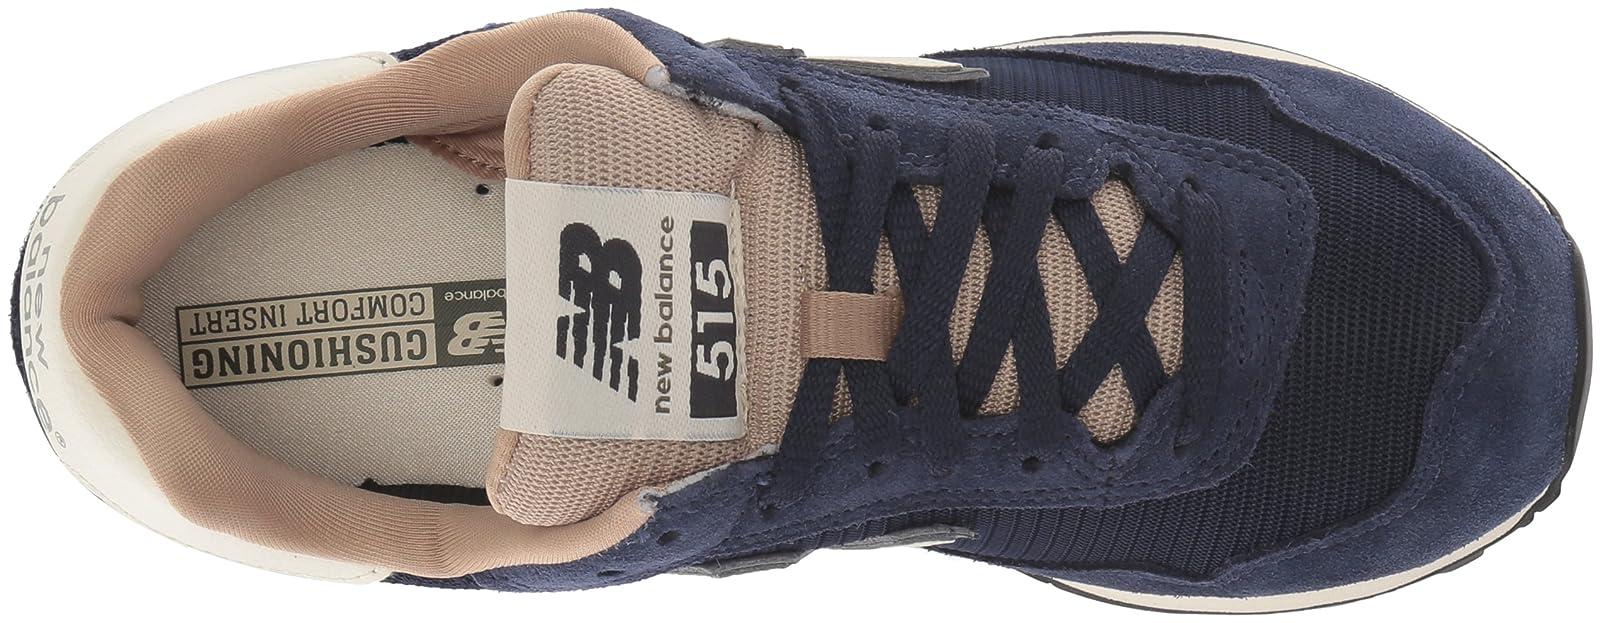 New Balance Men's 515v1 Sneaker Pigment